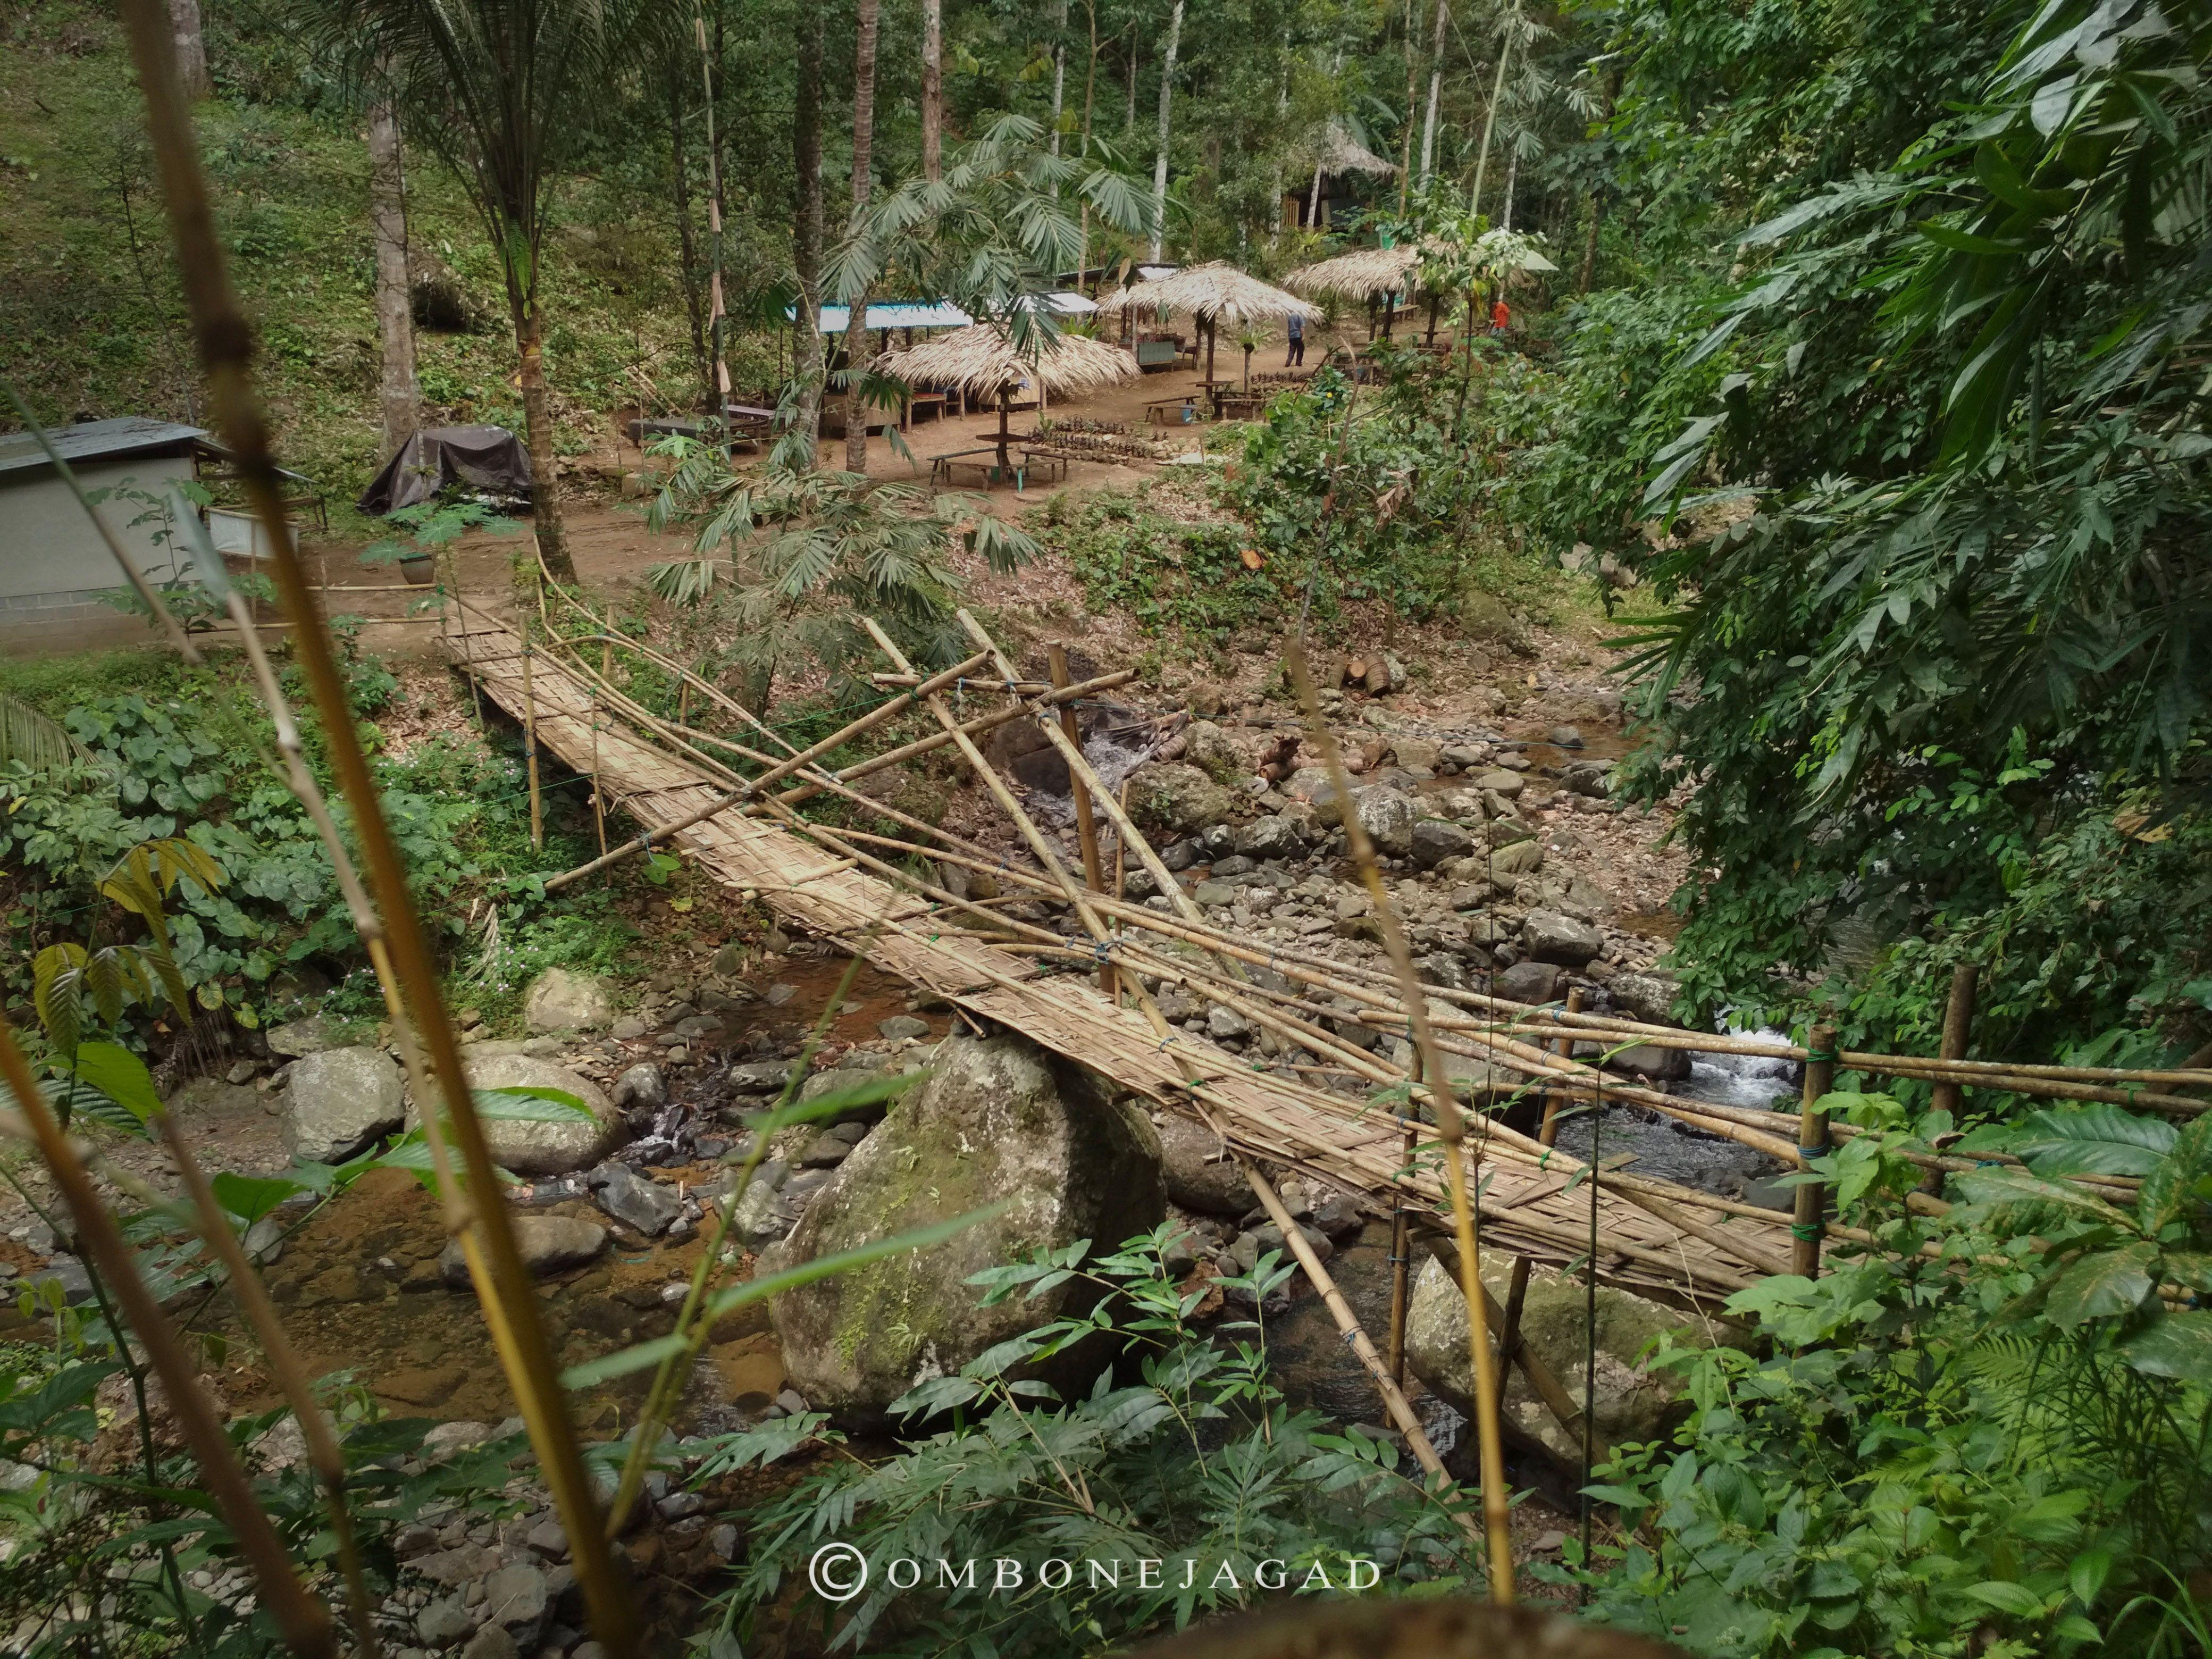 Jembatan Bambu Gazebo Dan Banyu Nget Kami Menghentikan Sejenak Langkah Kaki Memandangi Jembatan Bambu Yang Membelah Sungai Air Terjun Batu Besar Pemandangan